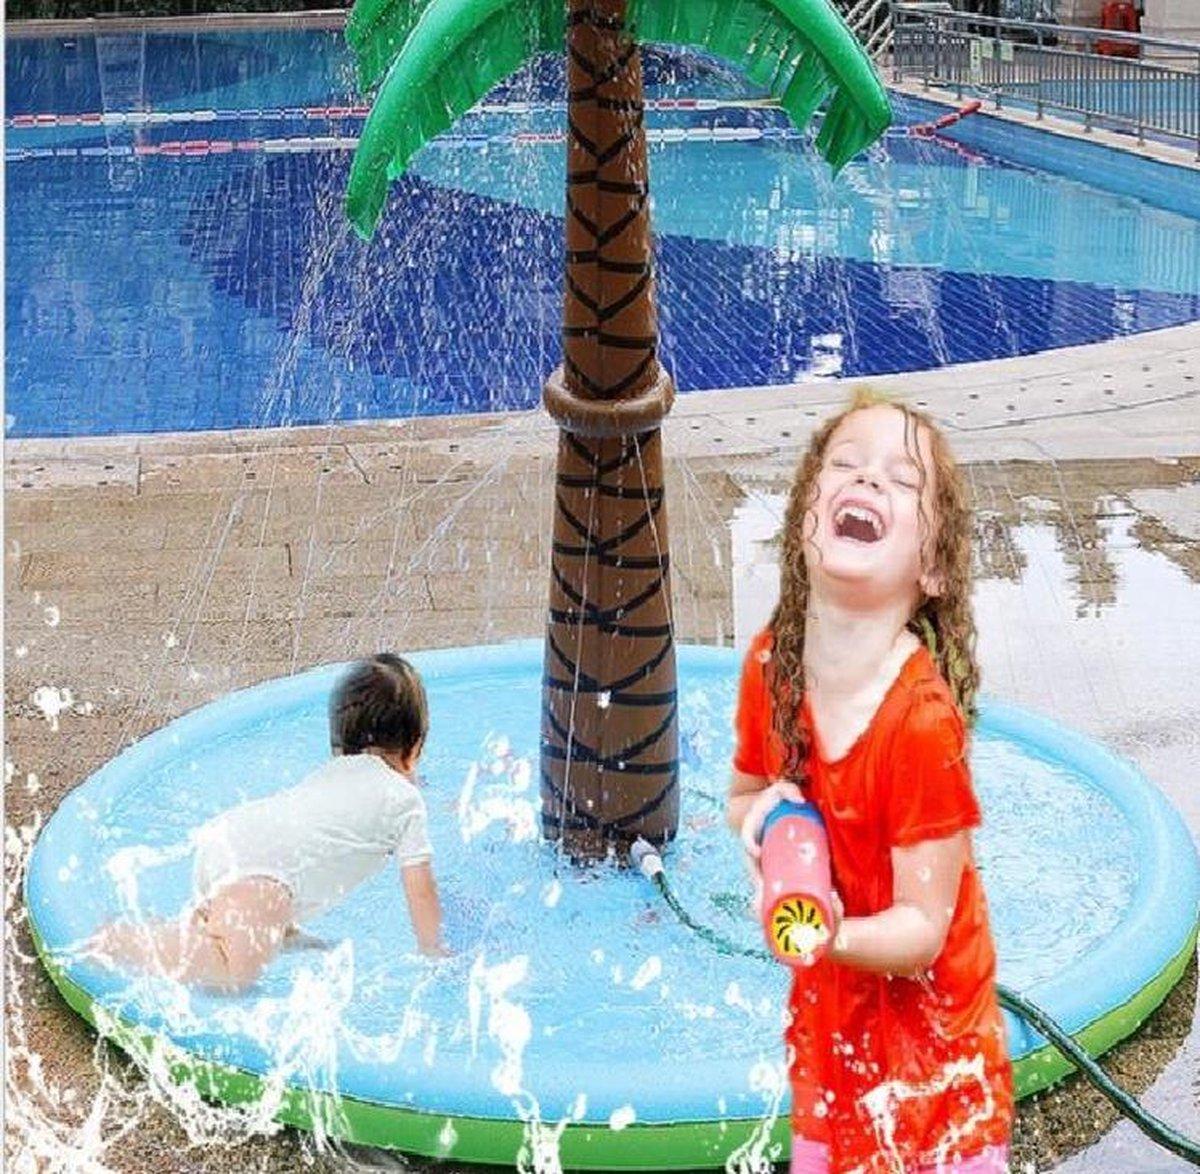 Zwembad - Waterspeelmat met sproeier - Fontein - Palmboom - Waterspeelgoed - Buitenspeelgoed - Opblaasbaar - Kinderbad - Peuterbad